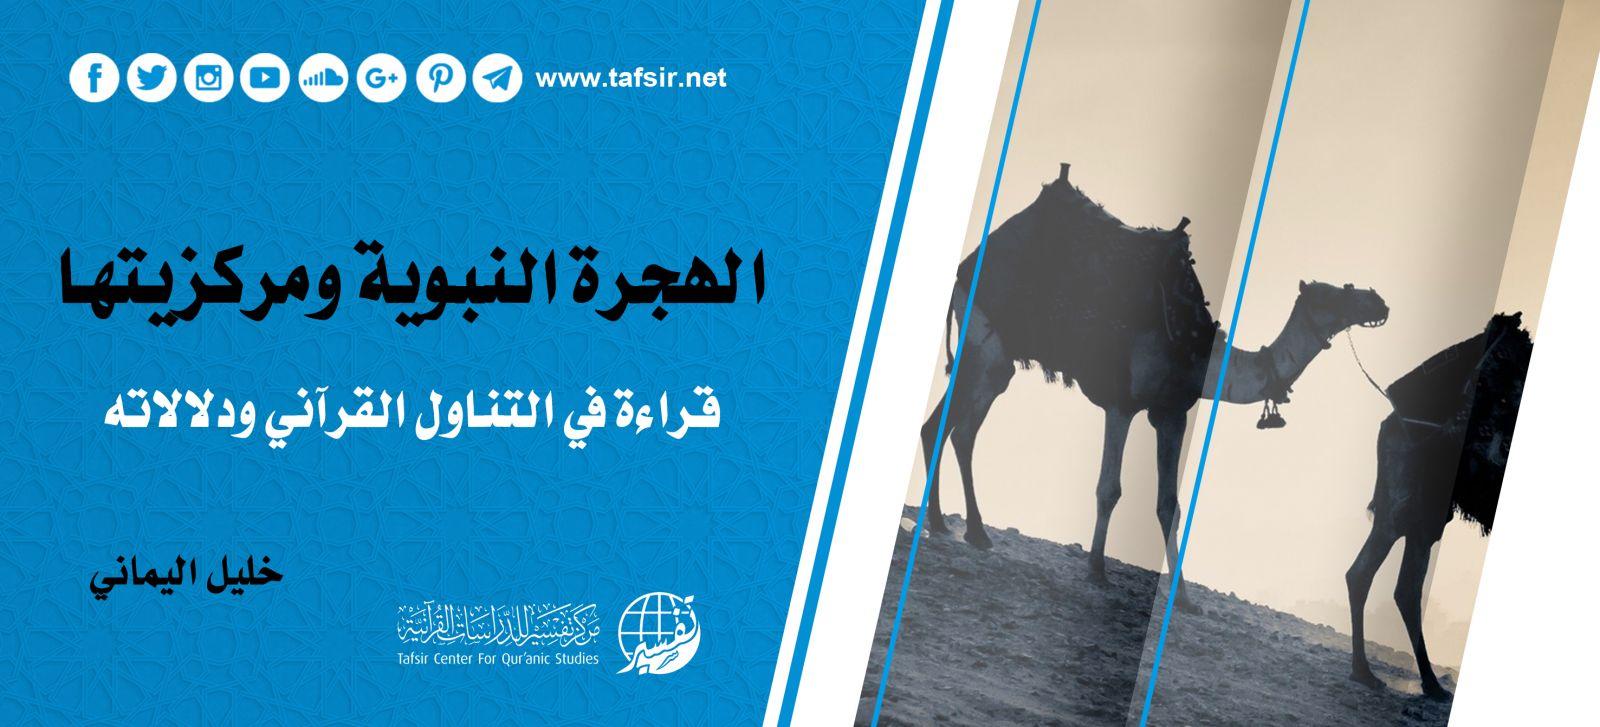 الهجرة النبوية ومركزيتها؛ قراءة في التناول القرآني ودلالاته